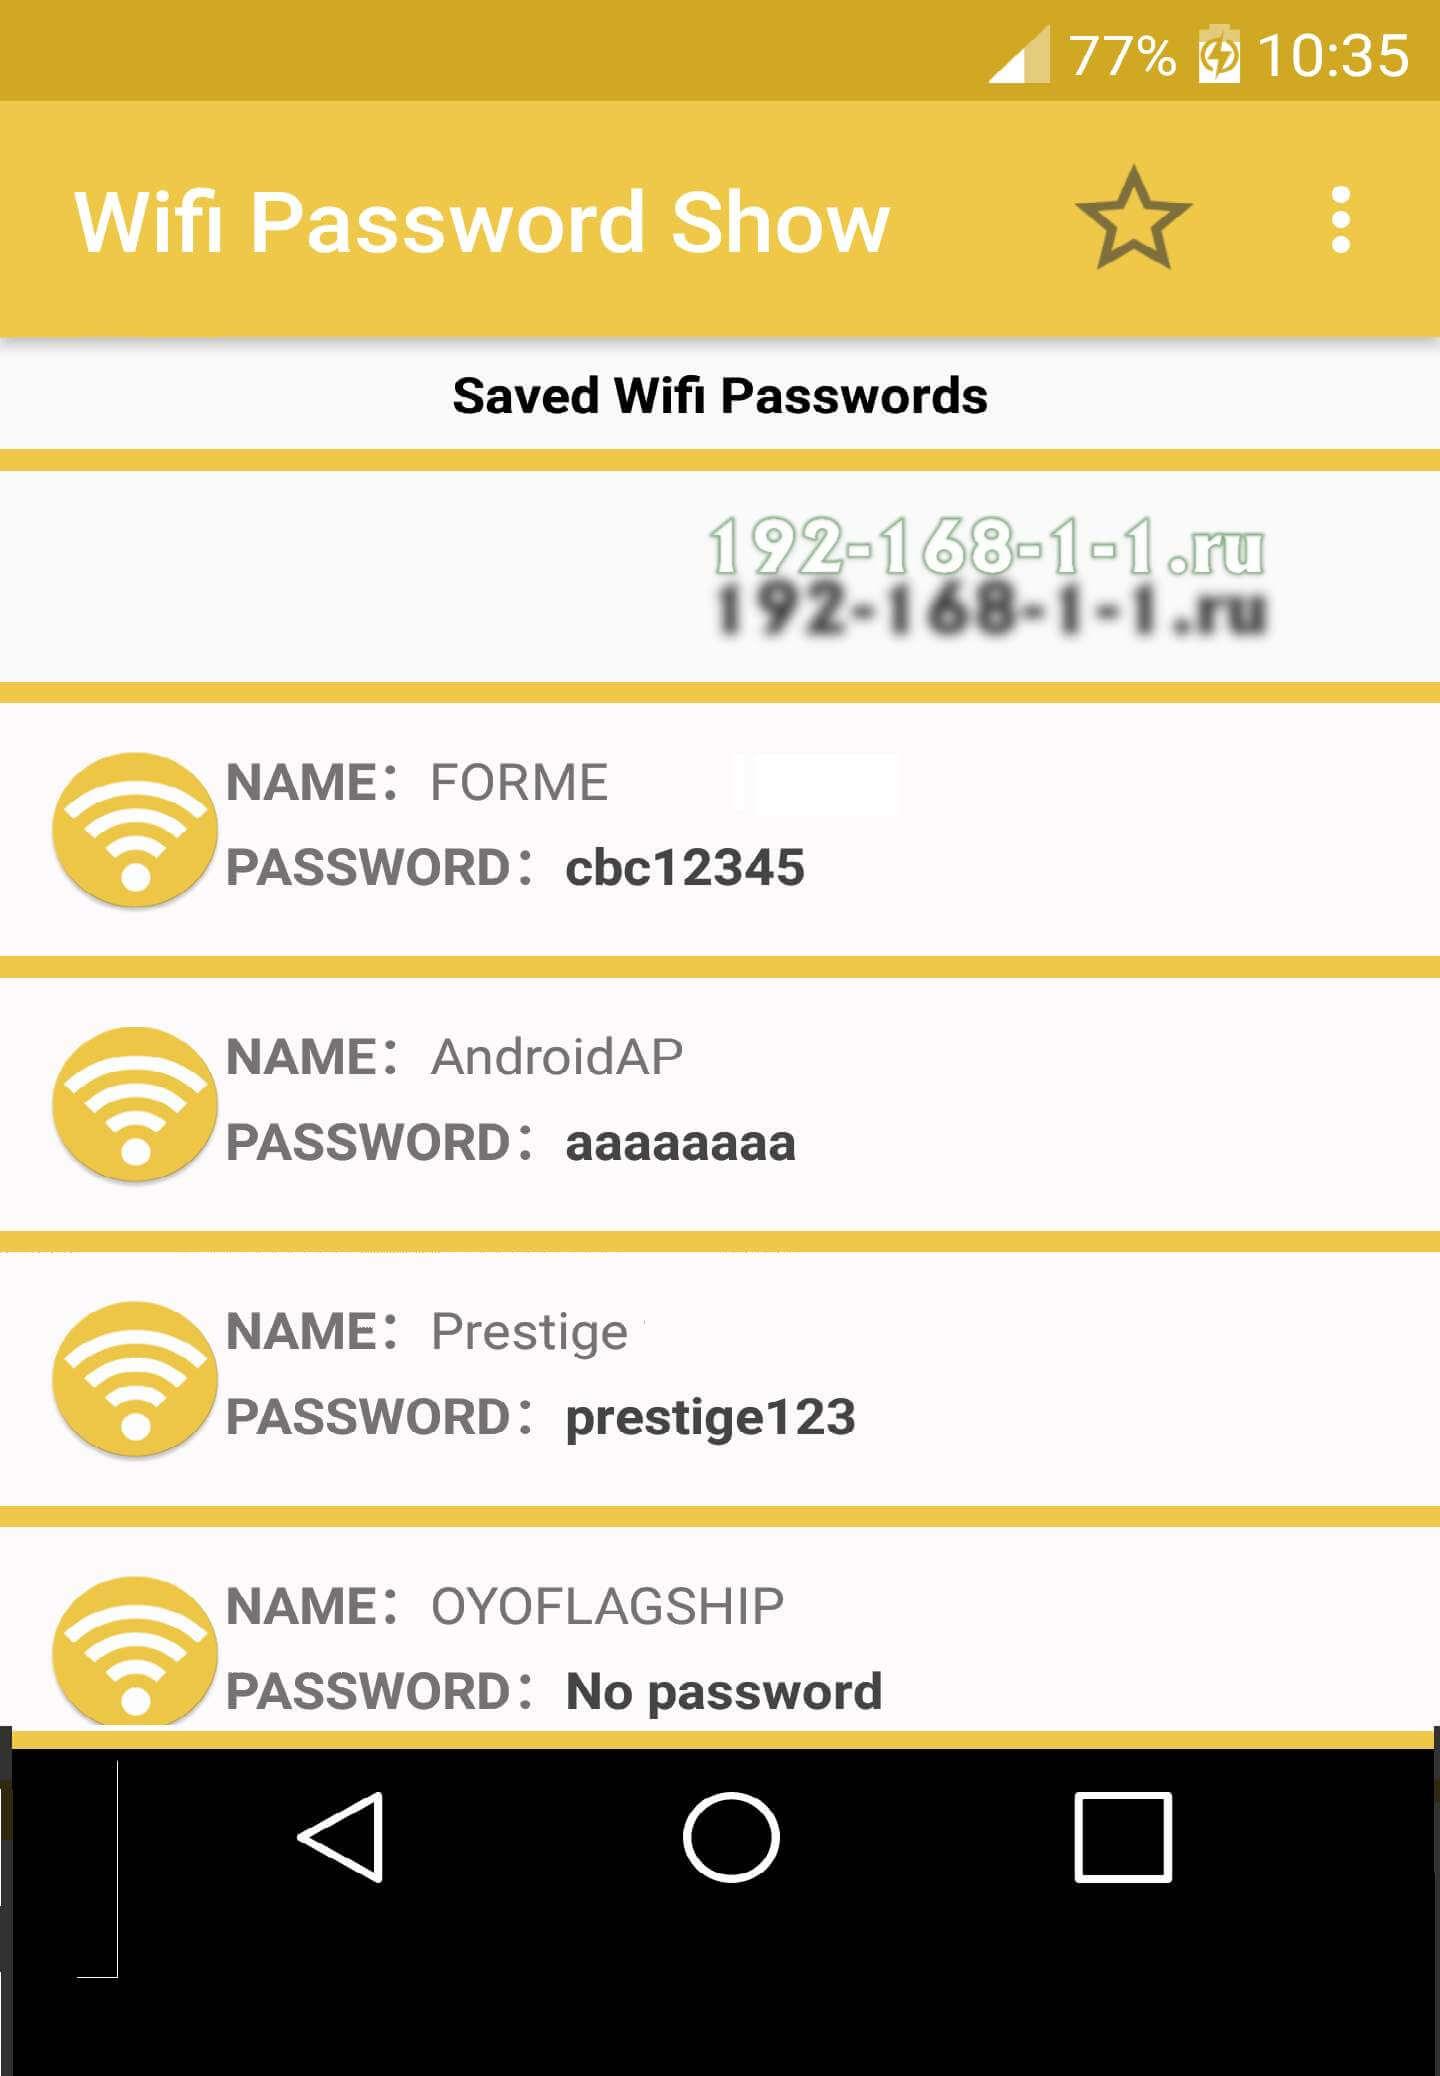 посмотреть пароль от wifi на телефоне android